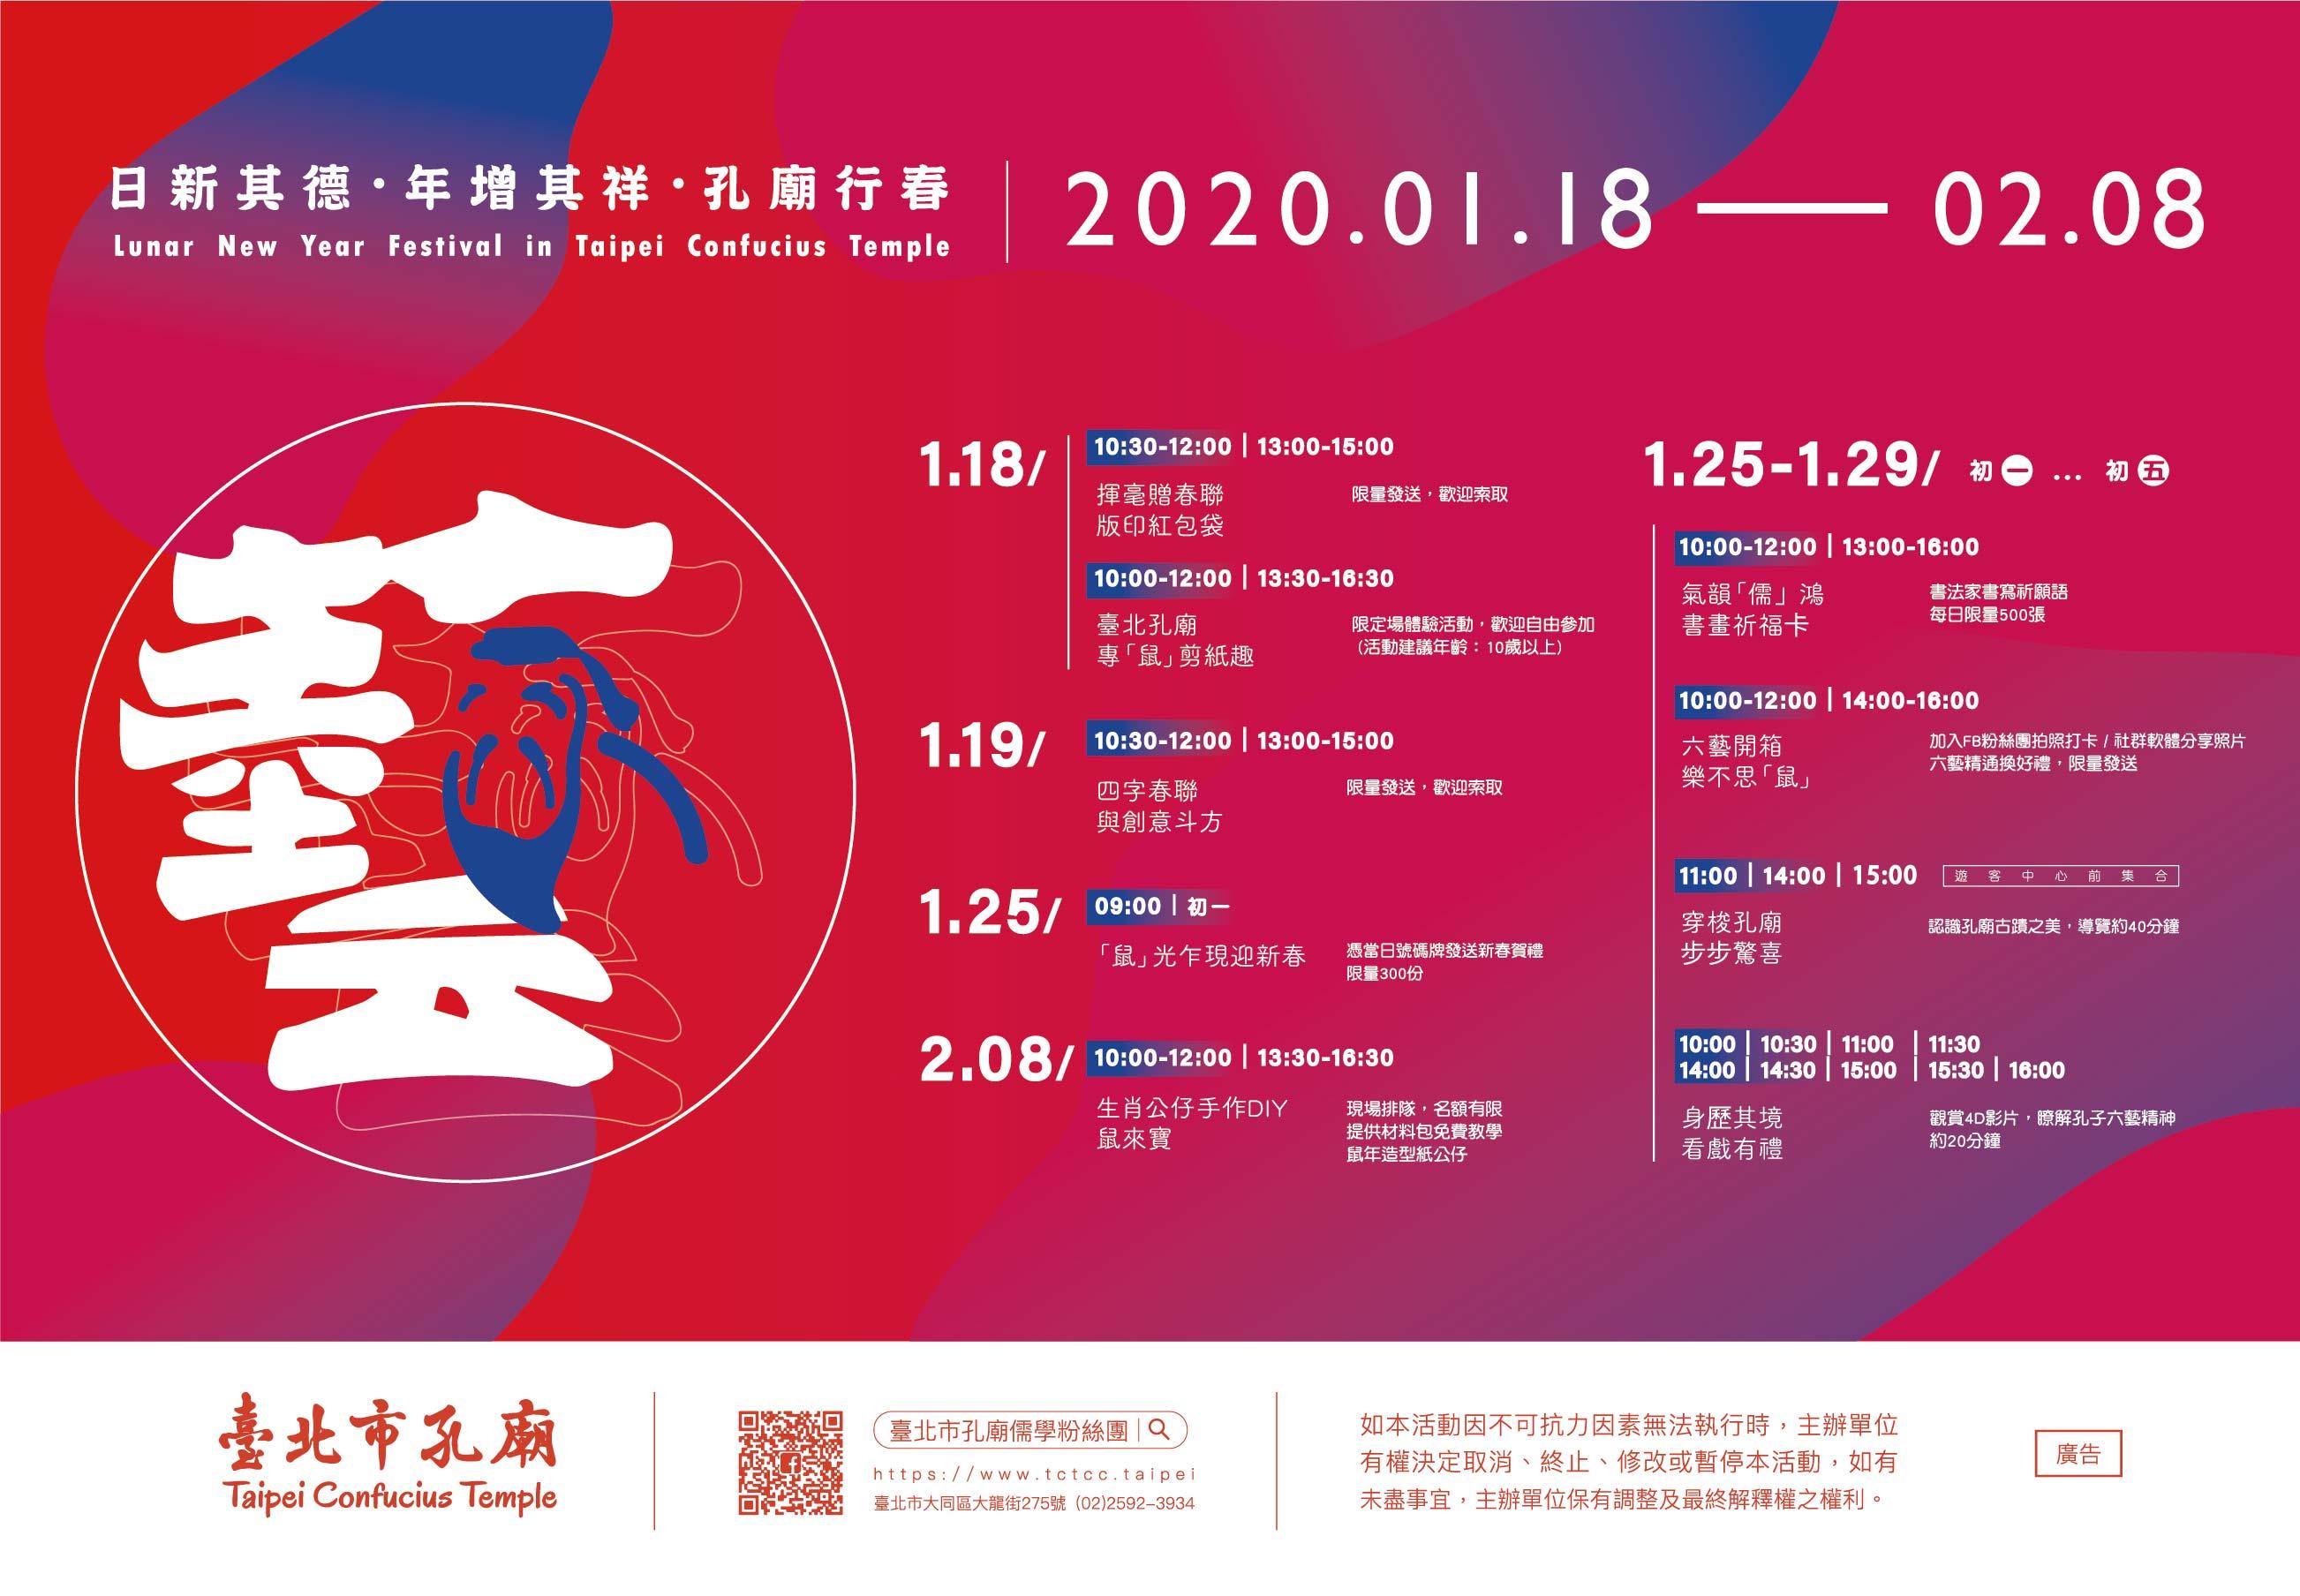 臺北市孔廟「2020日新其德 年增其祥 孔廟行春」新春亮點活動